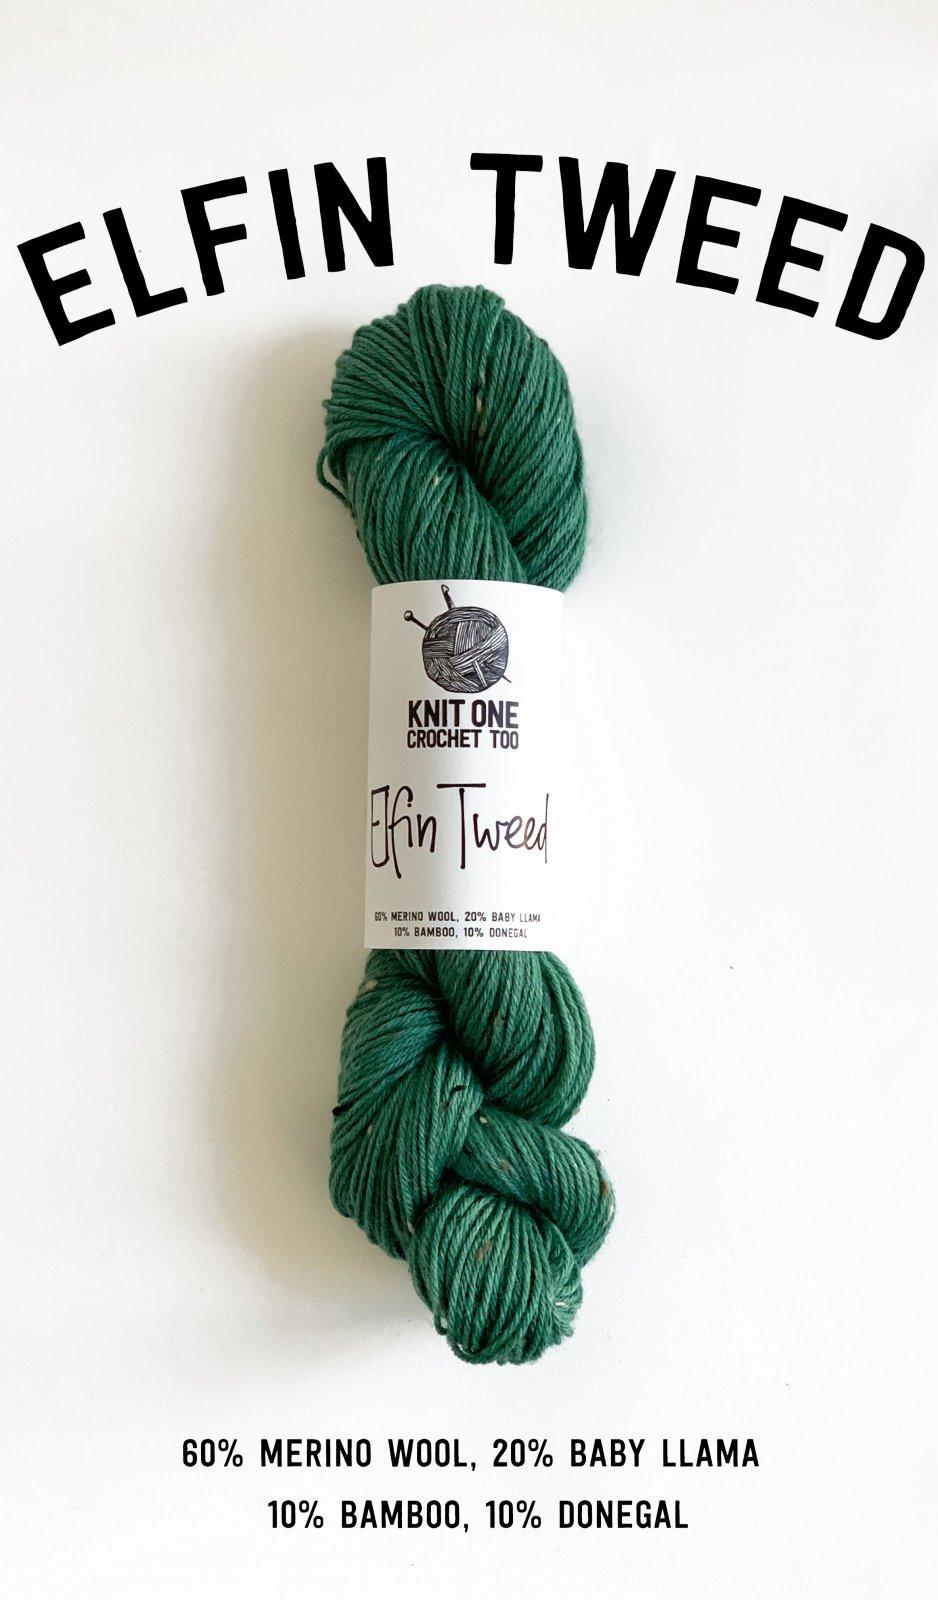 Elfin Tweed